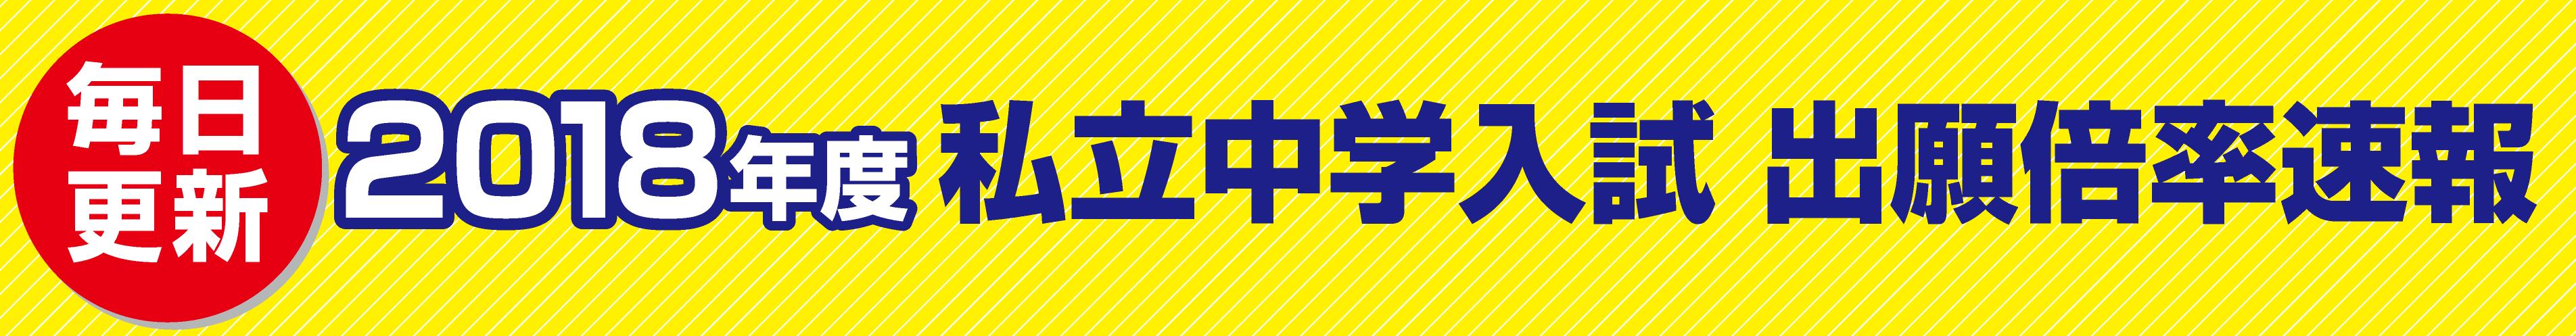 中学入試倍率速報2018